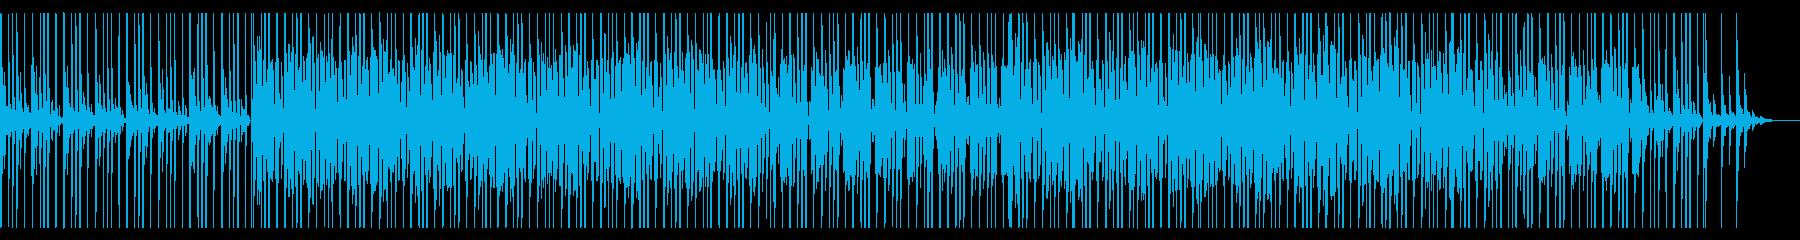 コミカルなファンク_No691_1の再生済みの波形